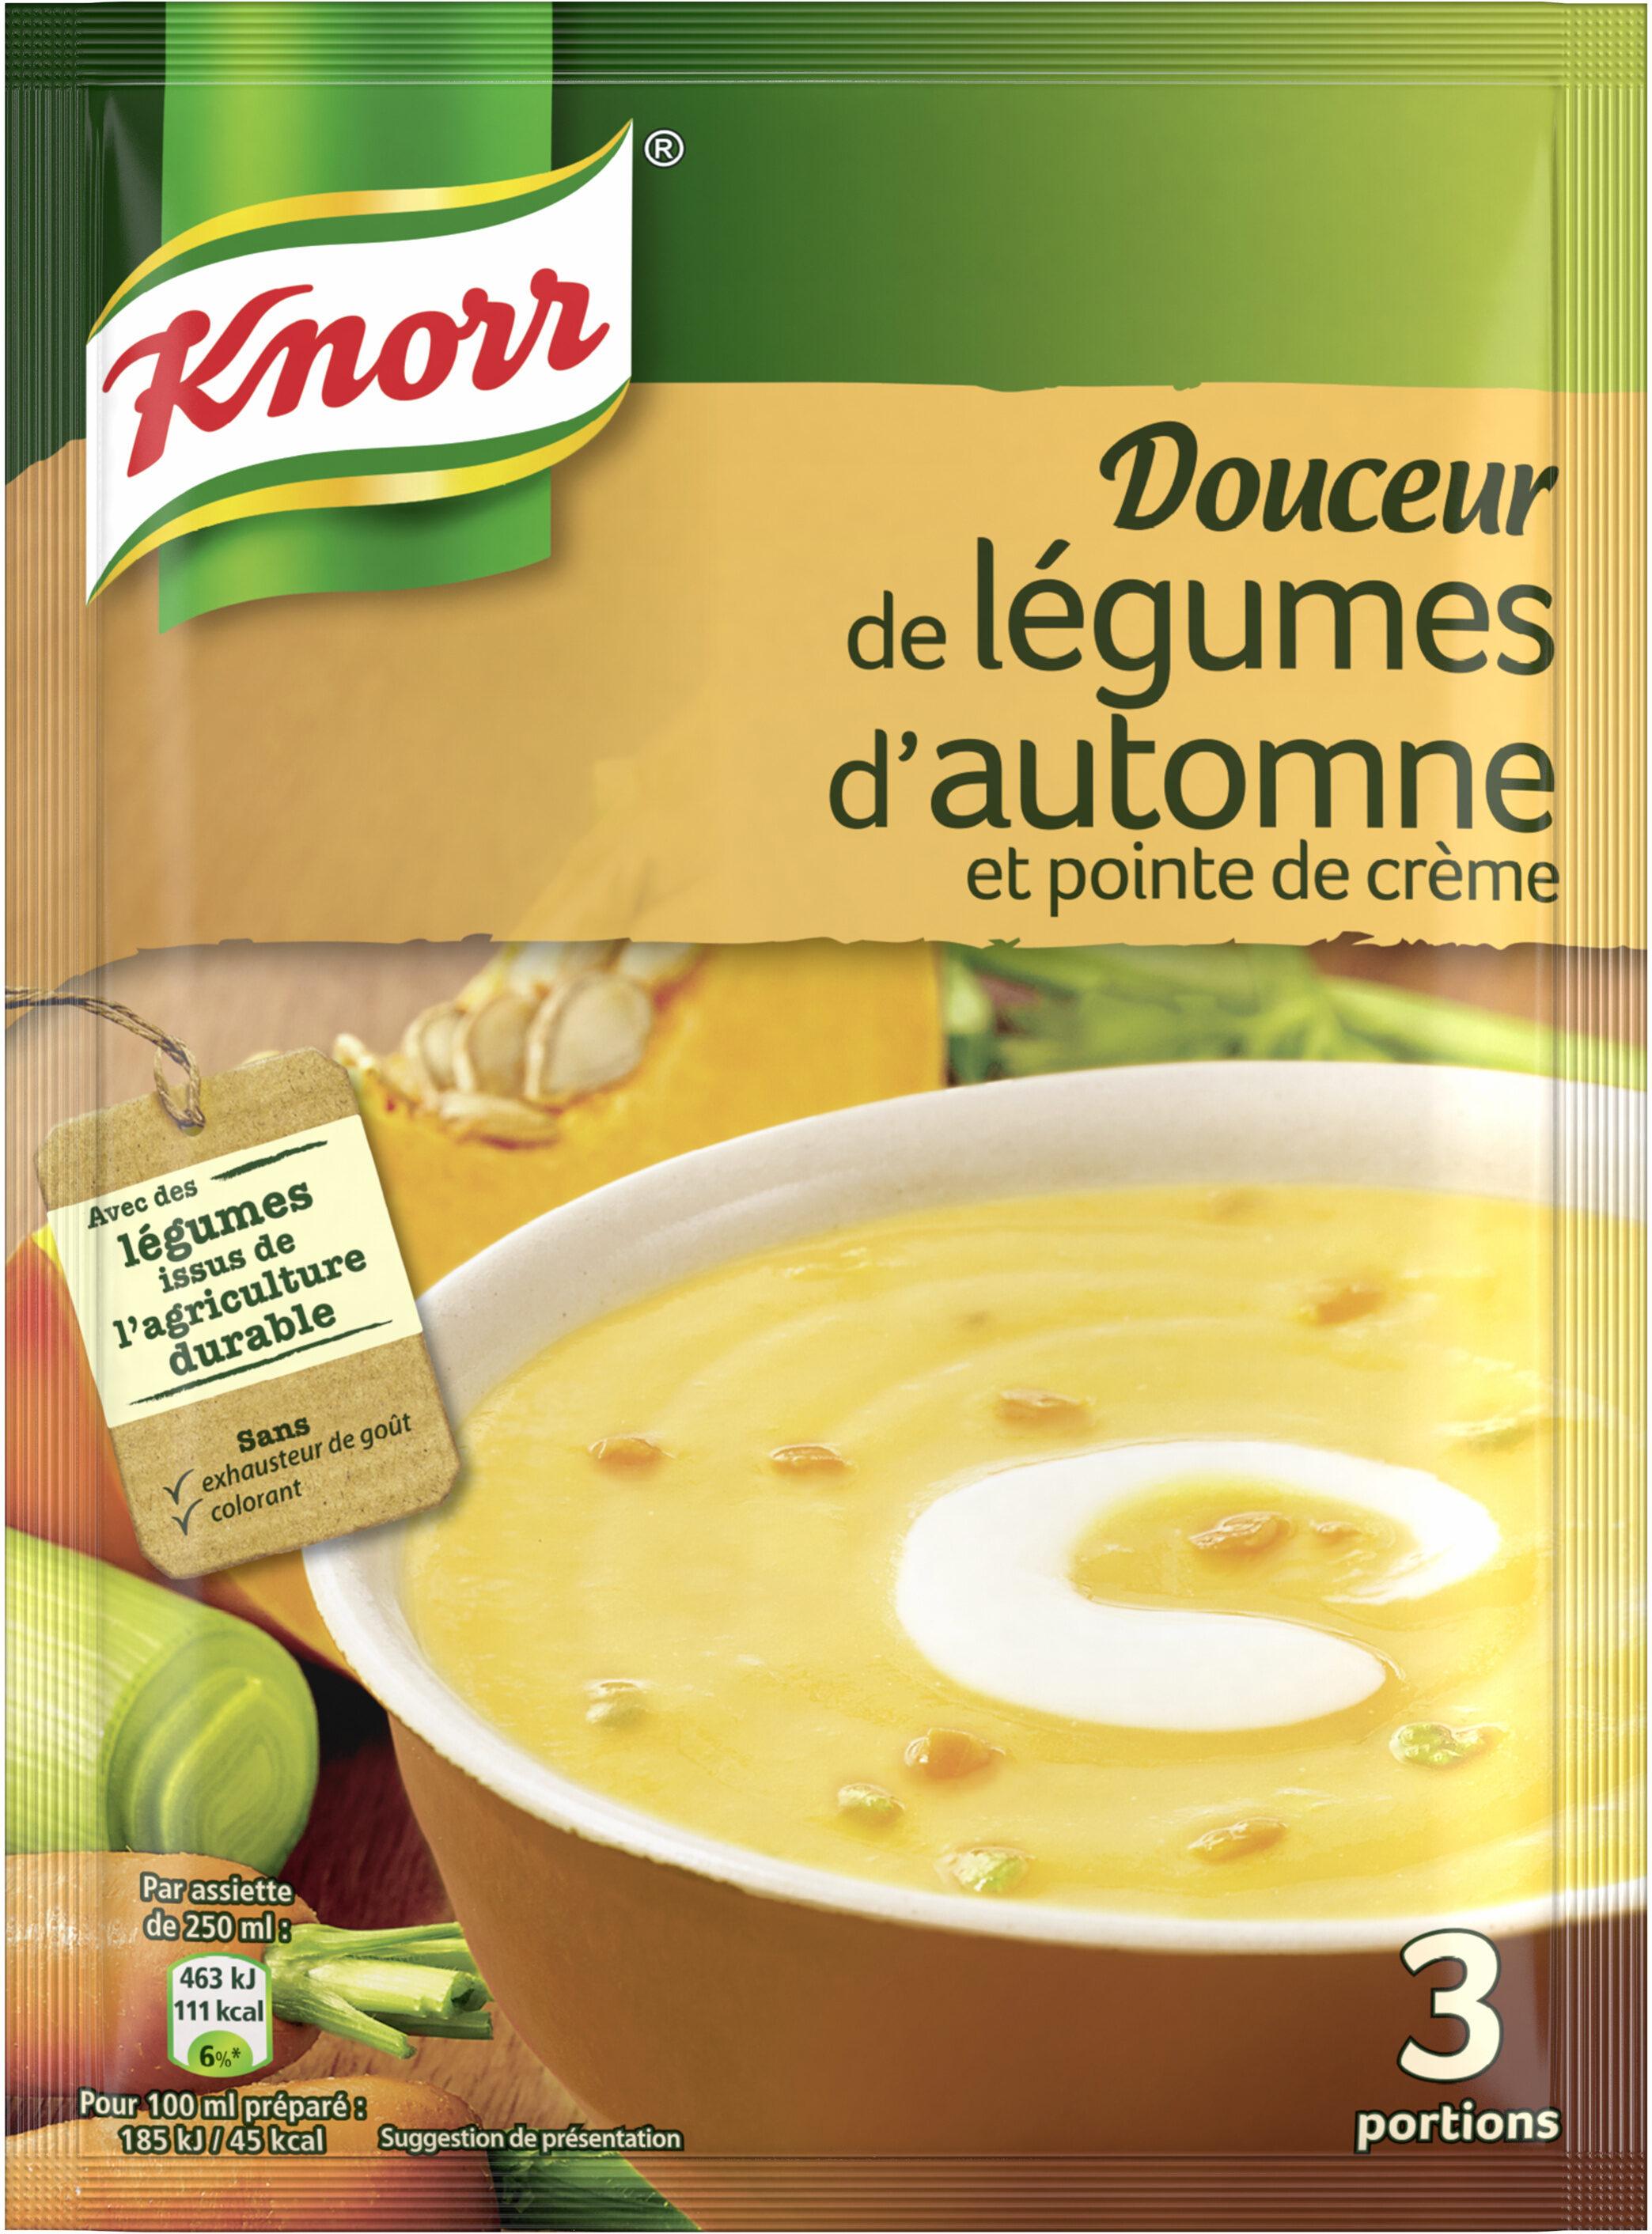 Knorr Soupe Douceur de Légumes d'Automne 83g 3 Portions - Prodotto - fr